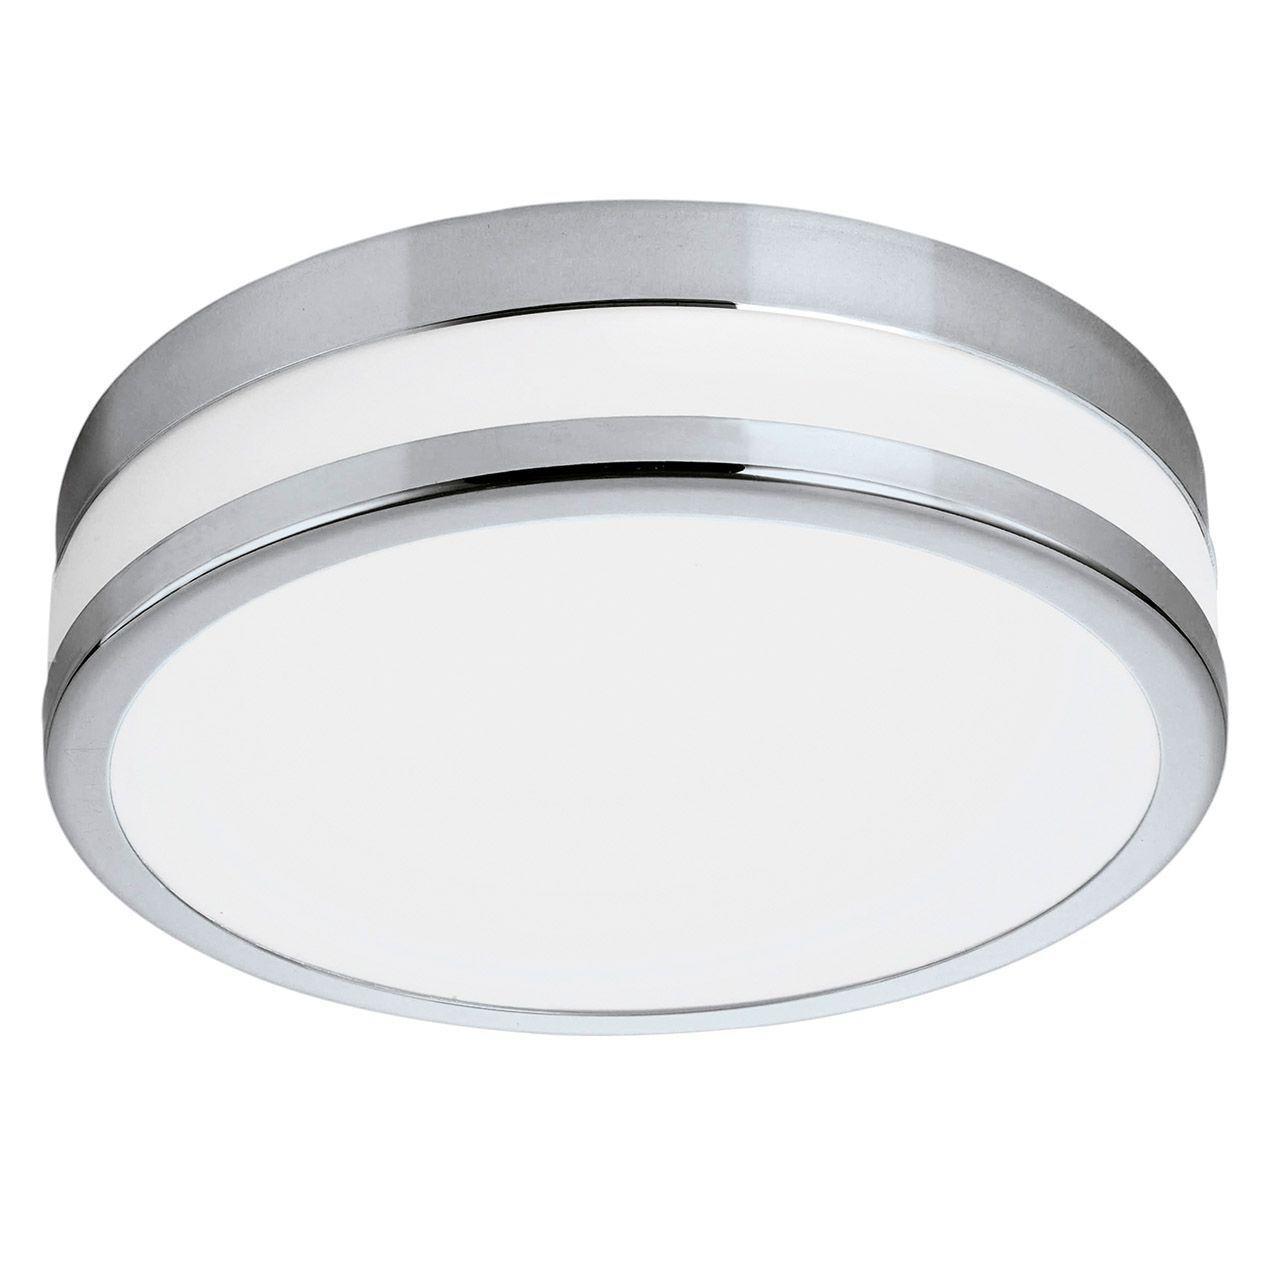 Потолочный светодиодный светильник Eglo Led Palermo 94998 cветильник светодиодный eglo harmonie led 13вт